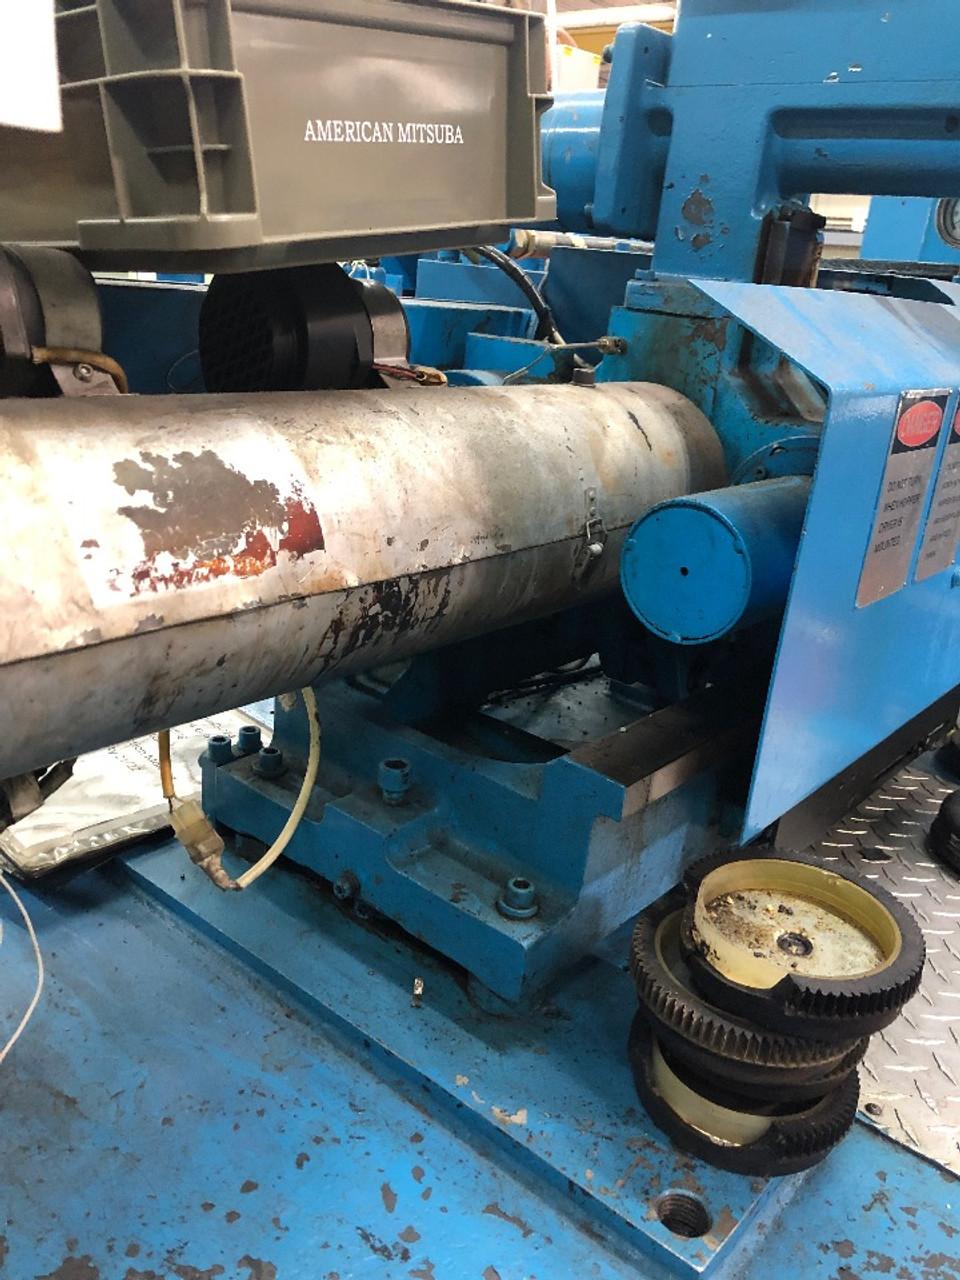 Meiki M-70B Injection Molding Machine 70 Ton 5 oz. Shot Star Sprue Picker